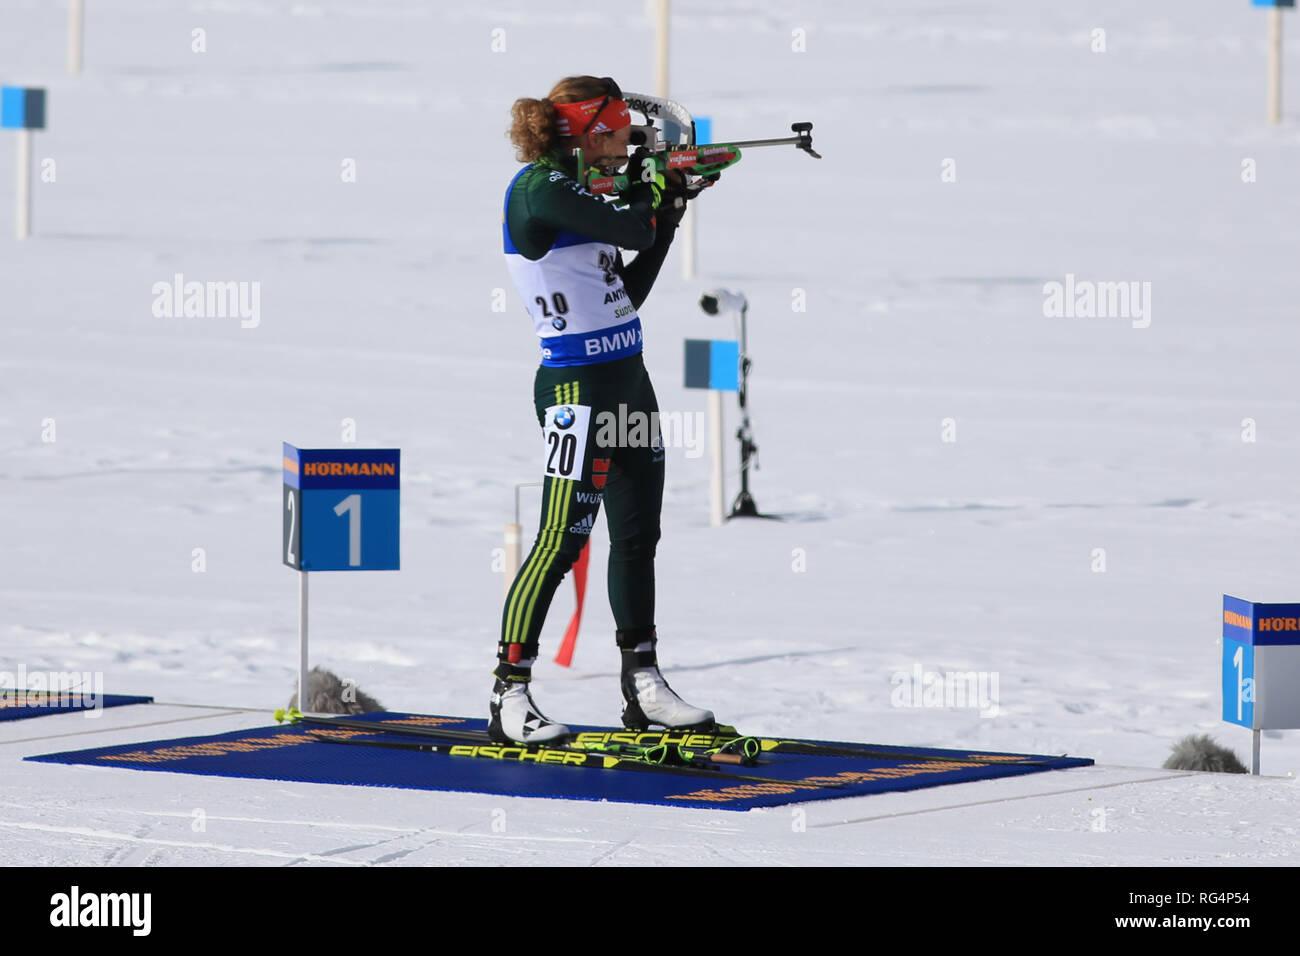 Antholz Antholz, Italien. 27 Jan, 2019. BMW Biathlon Weltcup, massenstart Frauen; Laura Dahlmeier (GER) auf dem Schießplatz Credit: Aktion plus Sport/Alamy leben Nachrichten Stockbild